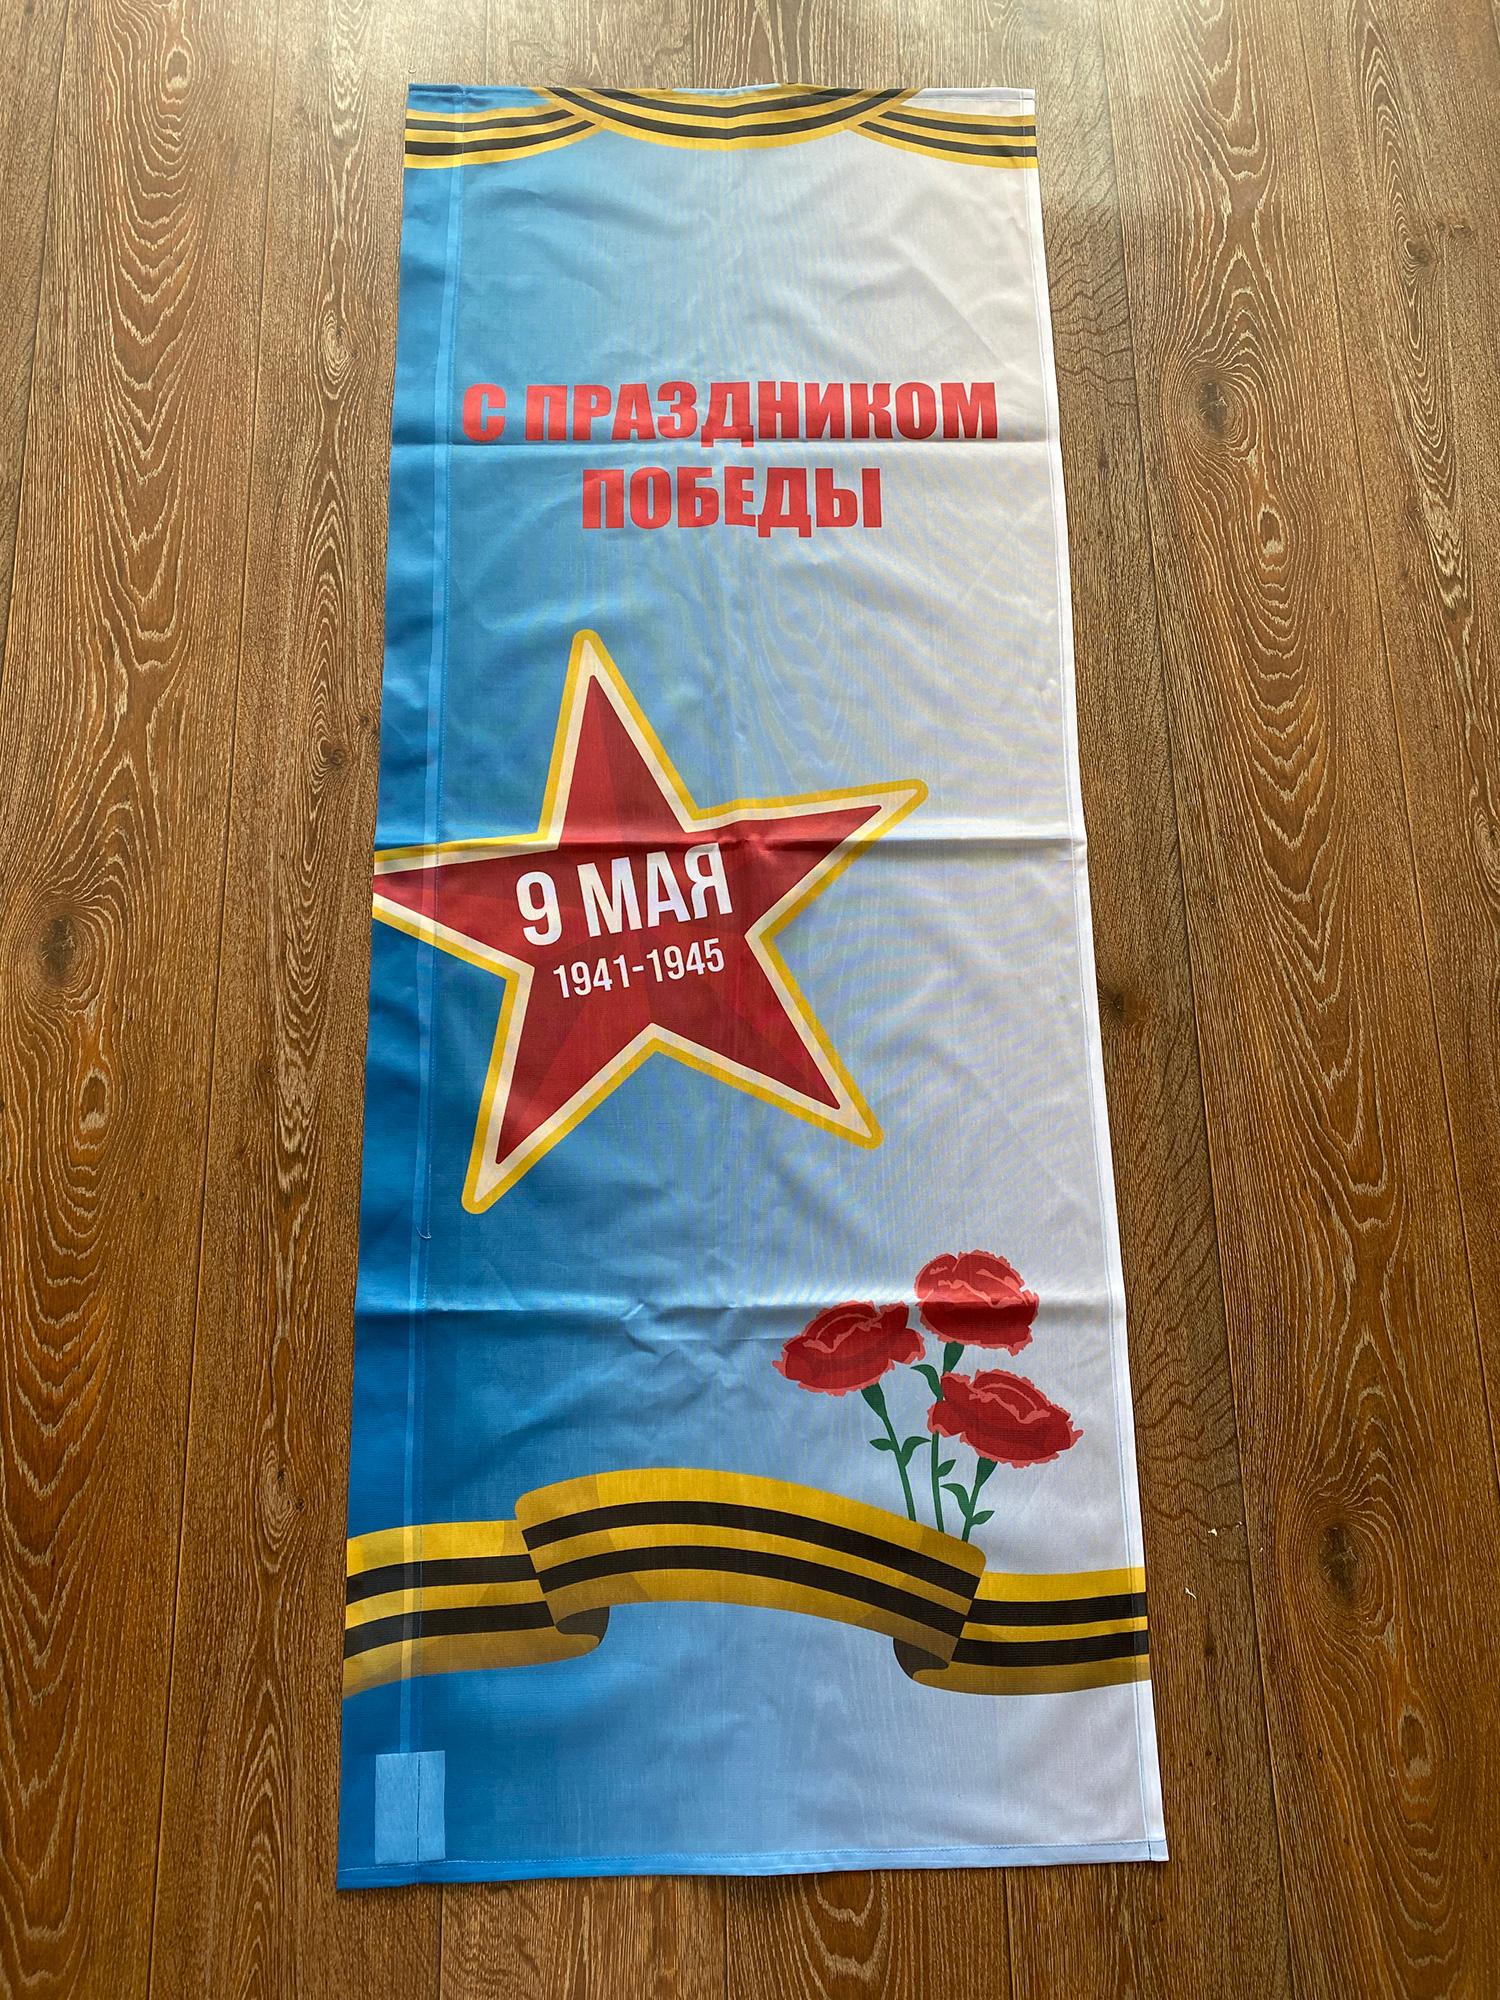 флаги-на-9-мая-с-праздником-победы-воронеж